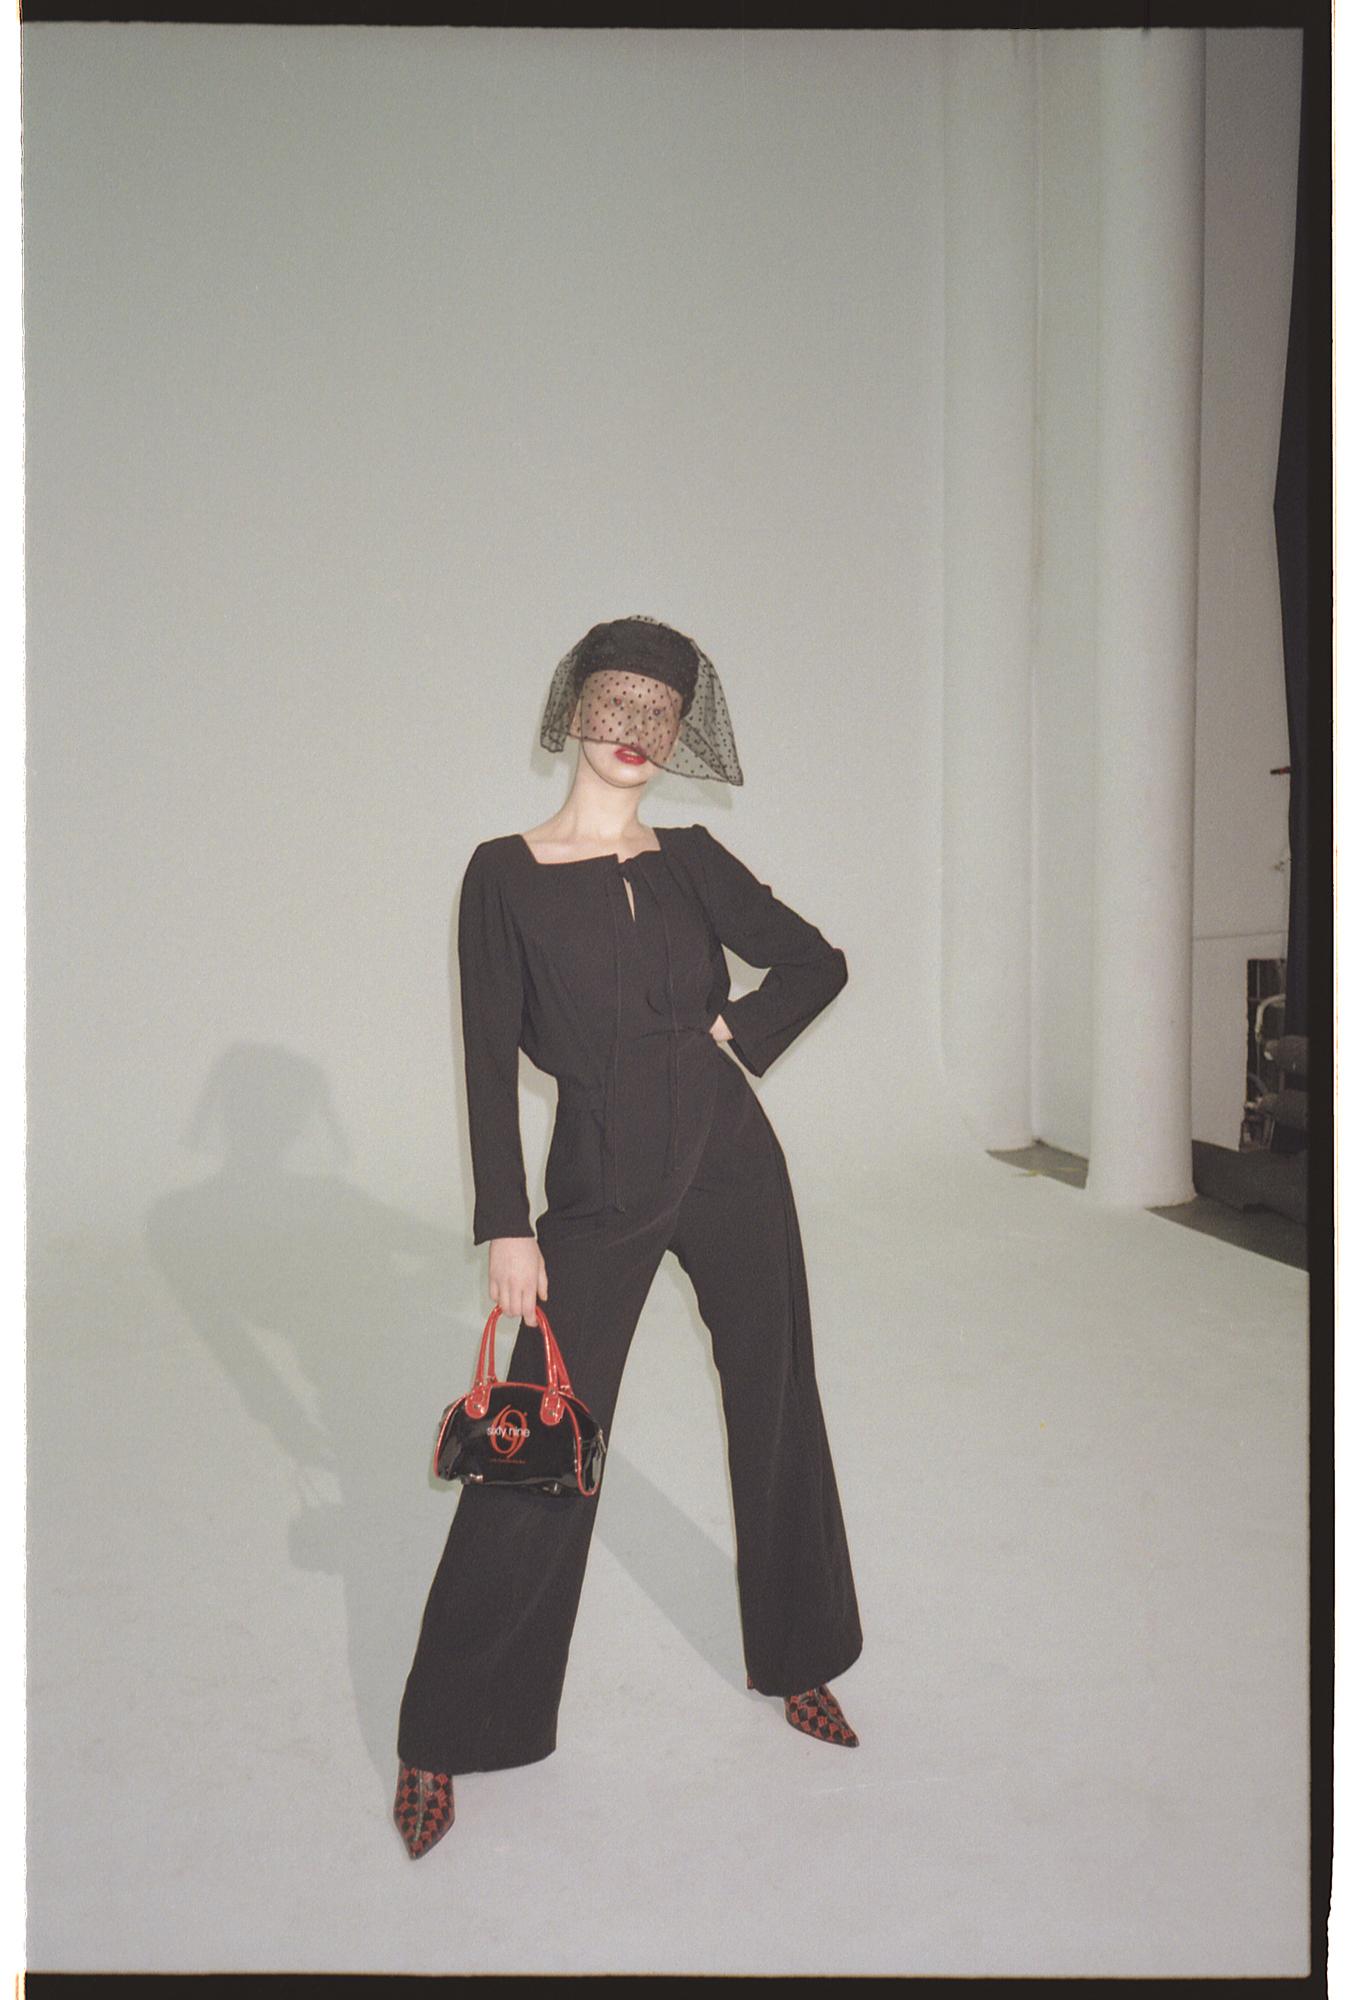 na zdjeciu widzimy lysa kobiete stojaca w rozkroku na tle szarej sciany ubrana na czarno w czarnym toczku z woalka w reku trzyma czarna torebke z czerwonymi uchwytami